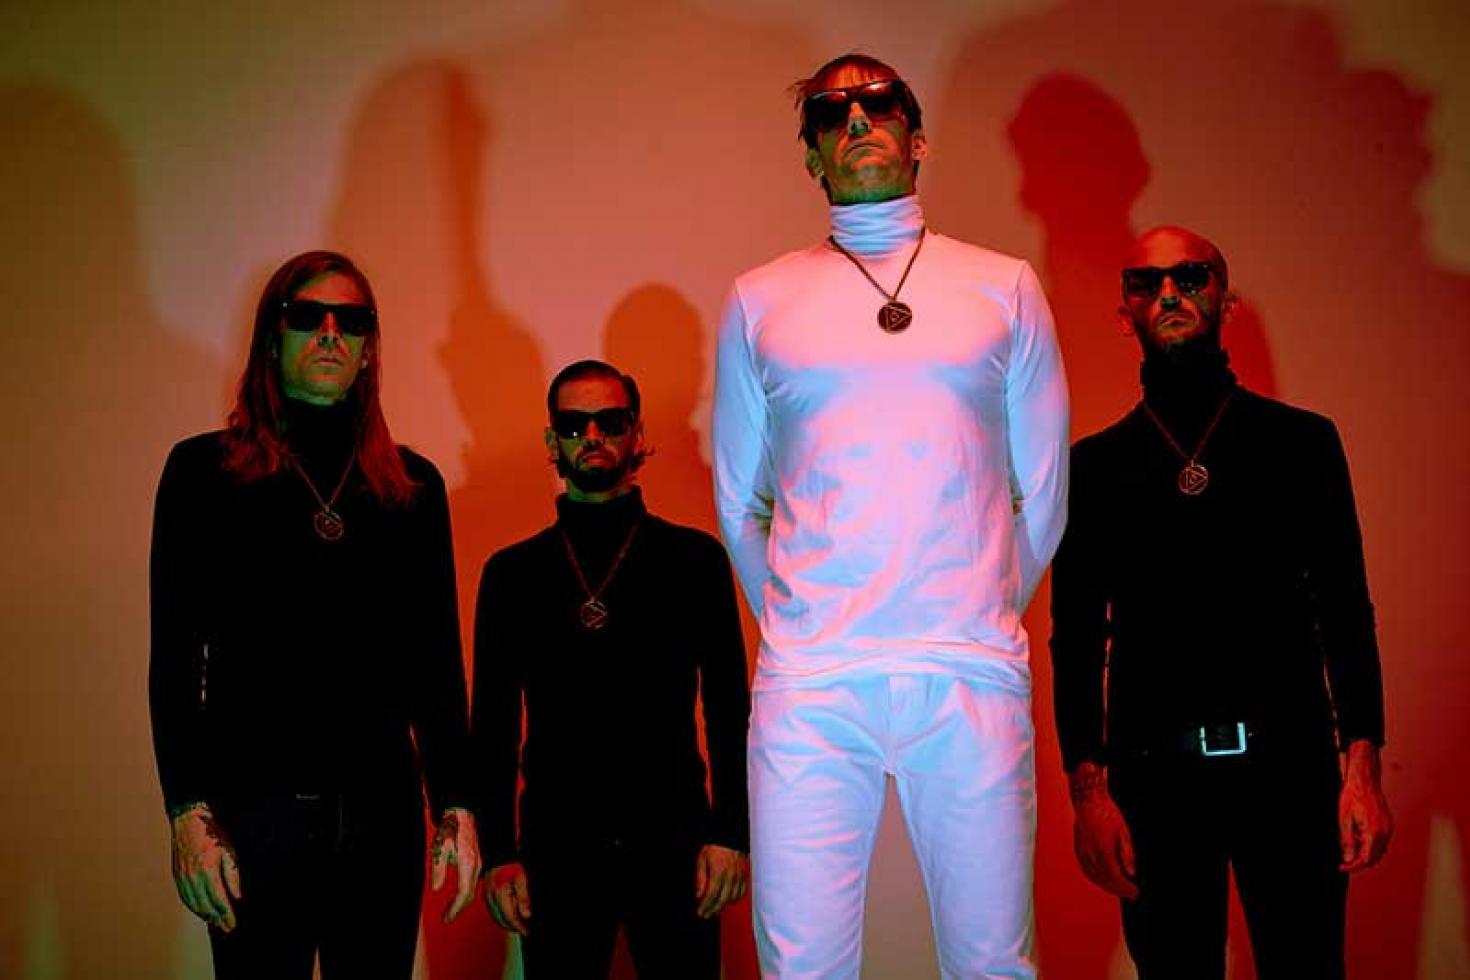 Drakulas share video for 'Fashion Forward'